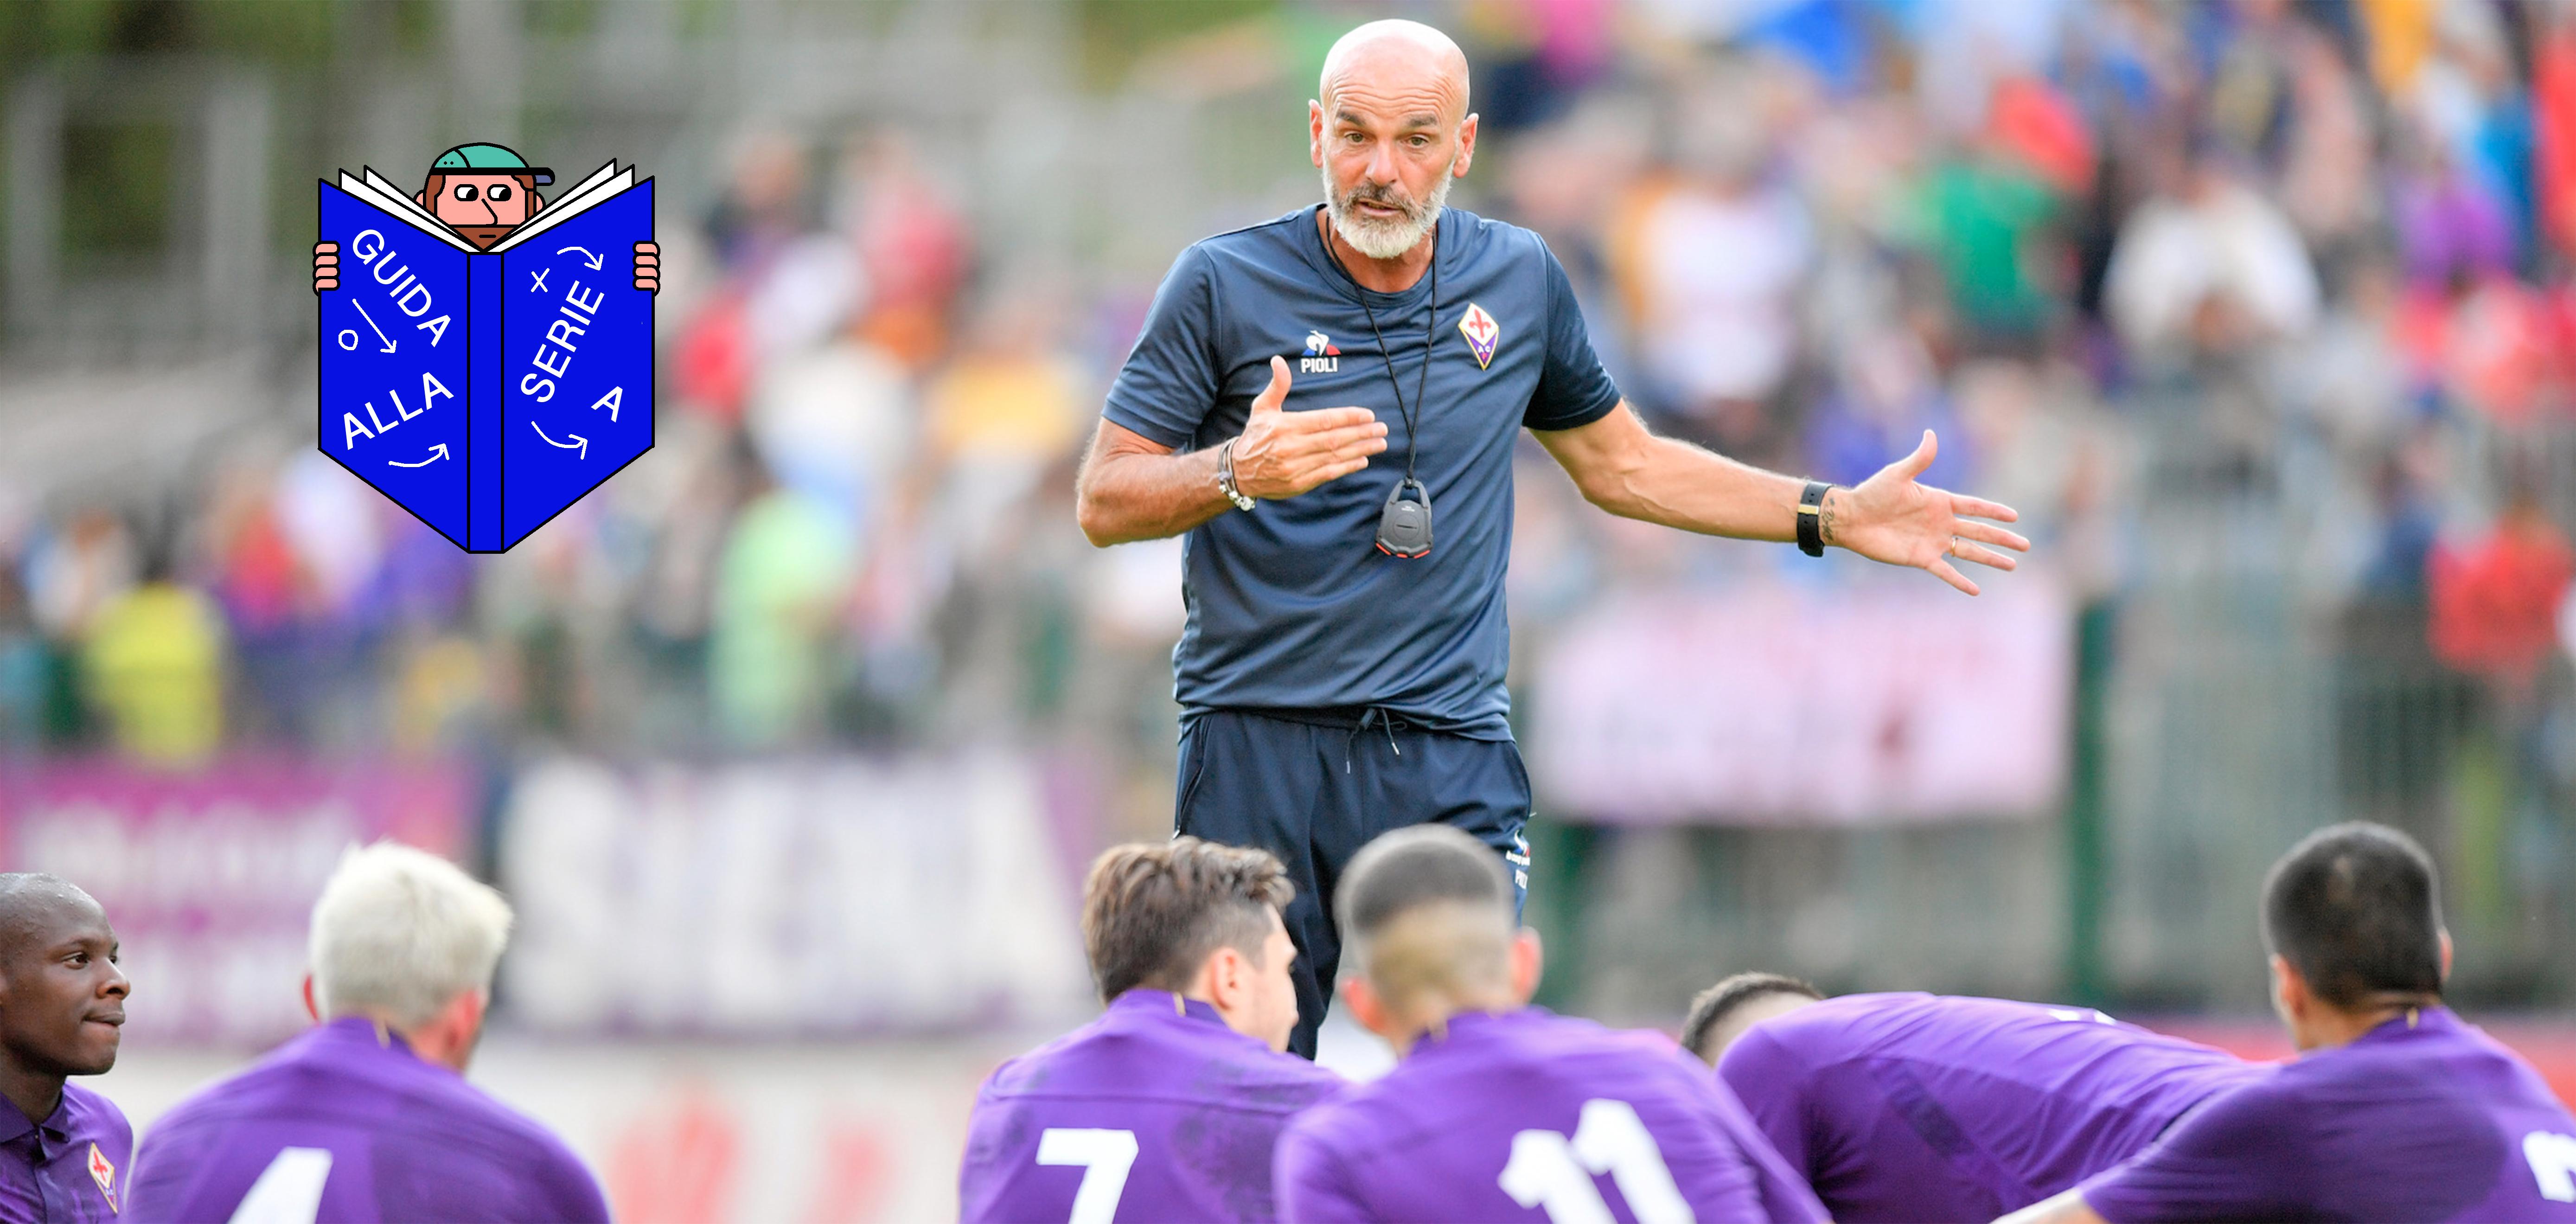 Guida alla Fiorentina 2018/19 | L'Ultimo Uomo